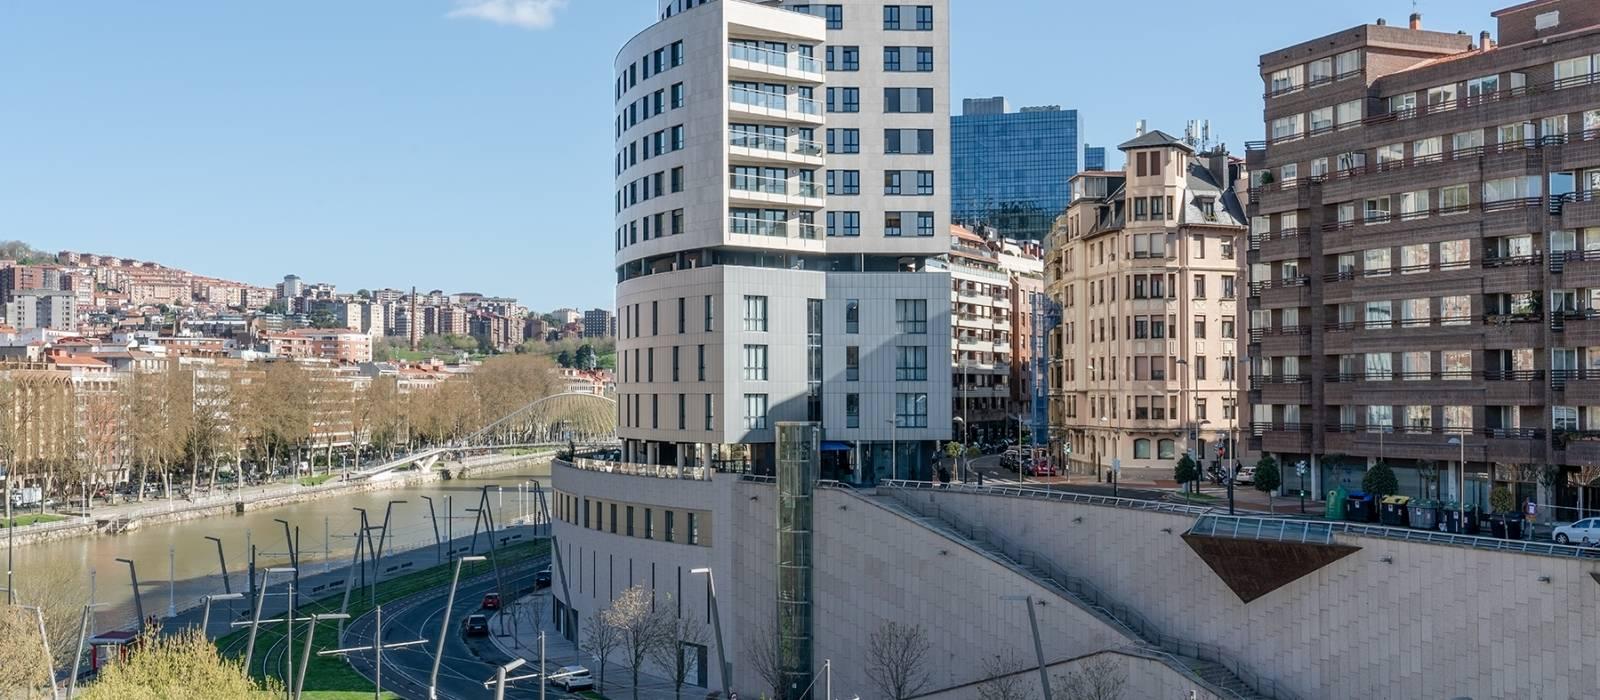 Flexible early bird offer at Vincci Consulado de Bilbao